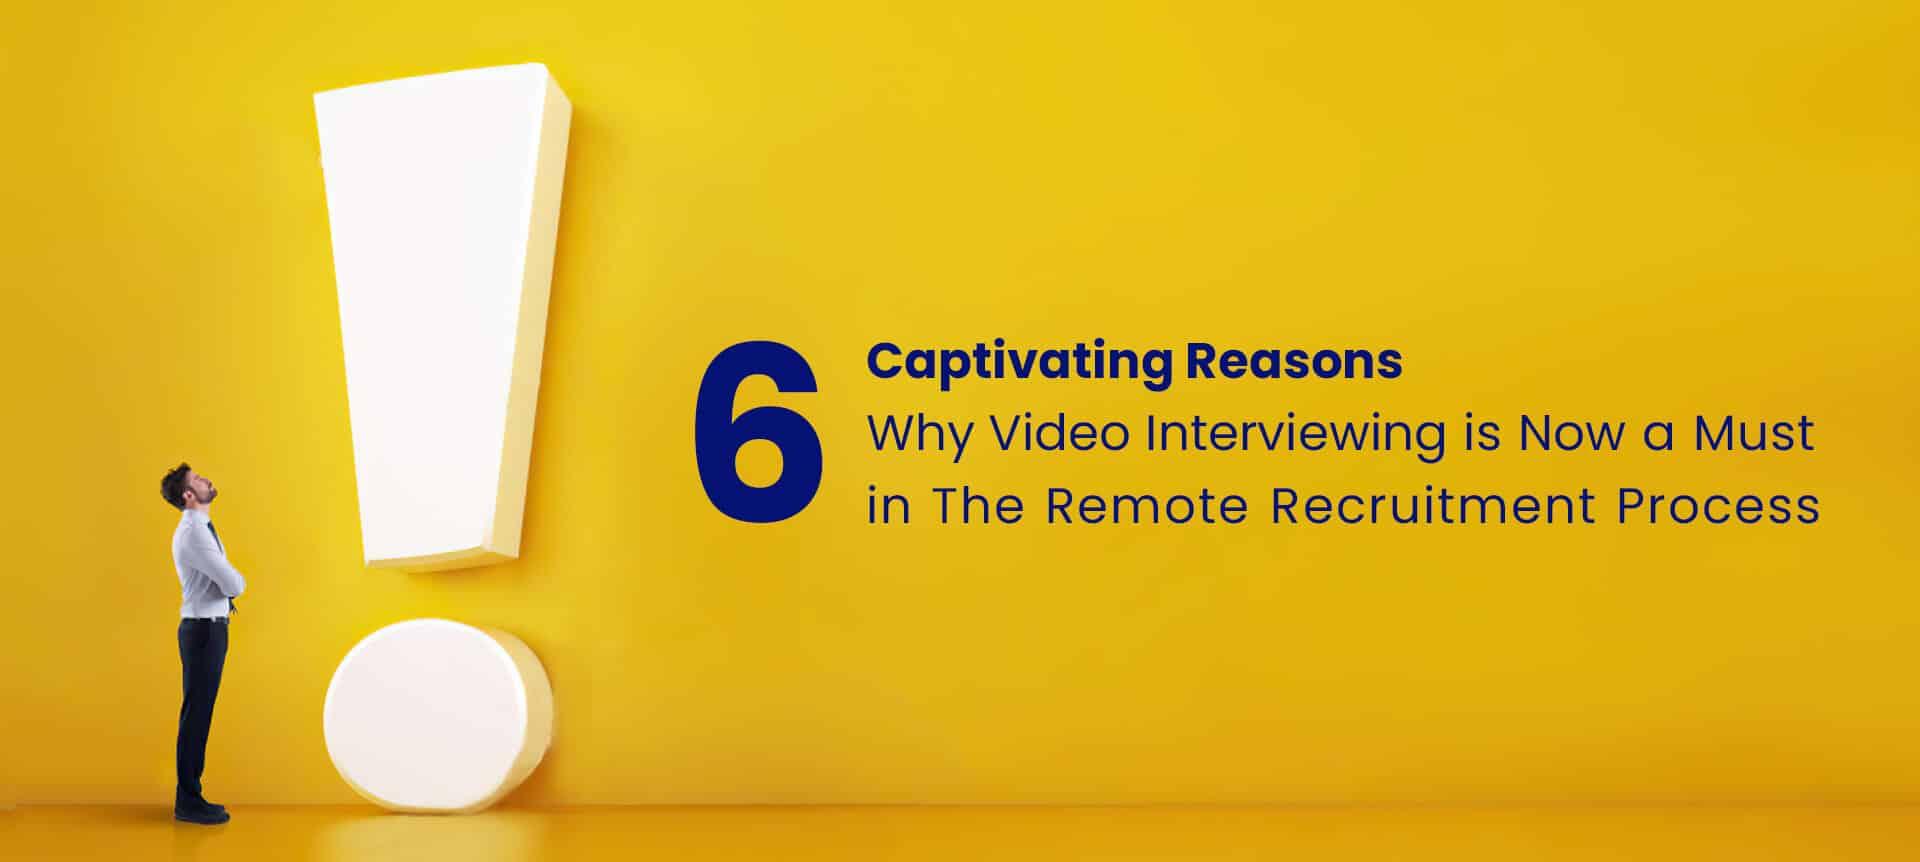 recruiter focusing on remote recruitment